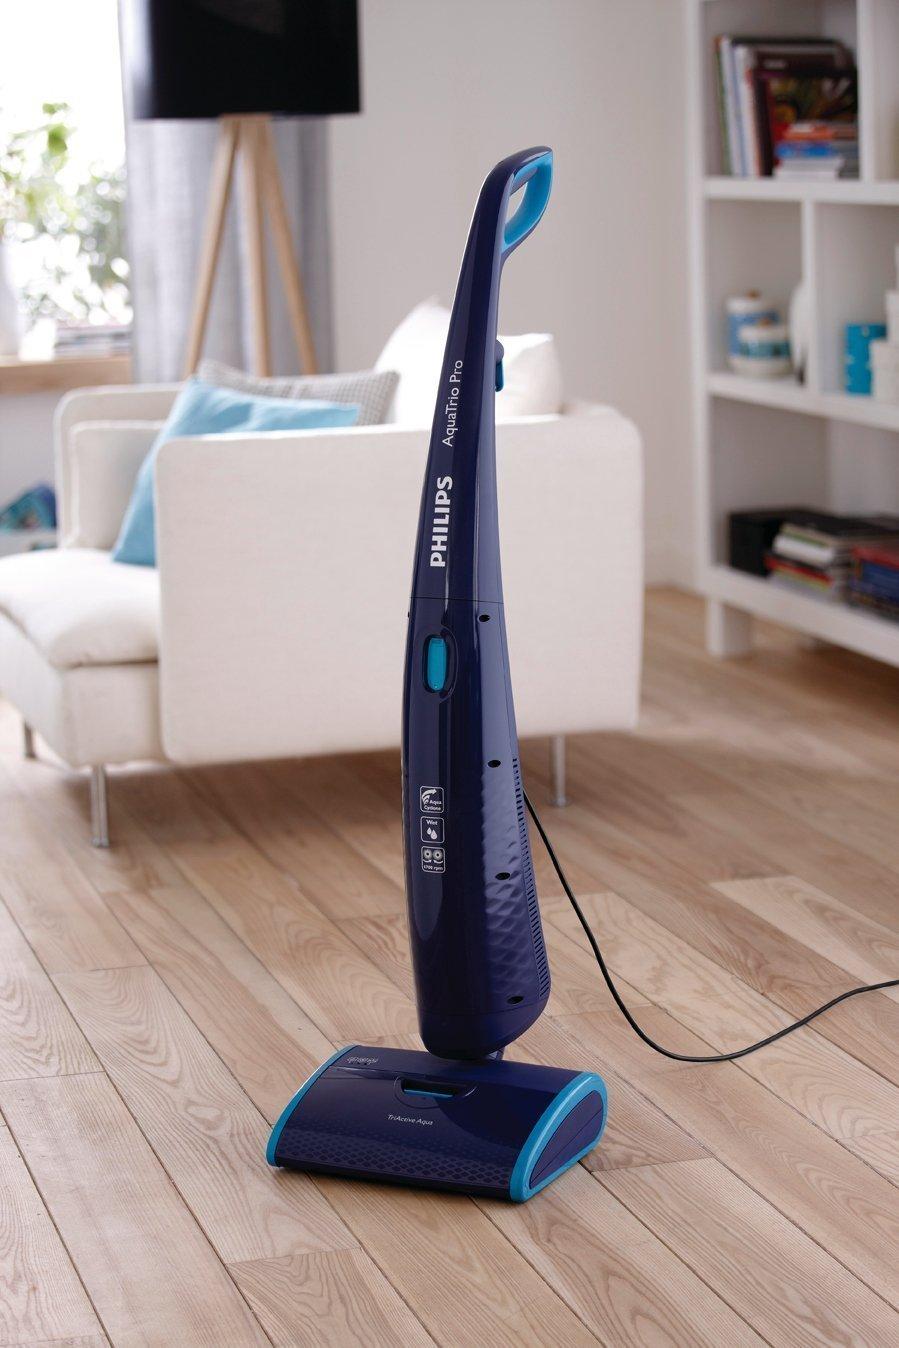 philips fc7080 01 aquatrio pro aspirapolvere che aspira. Black Bedroom Furniture Sets. Home Design Ideas